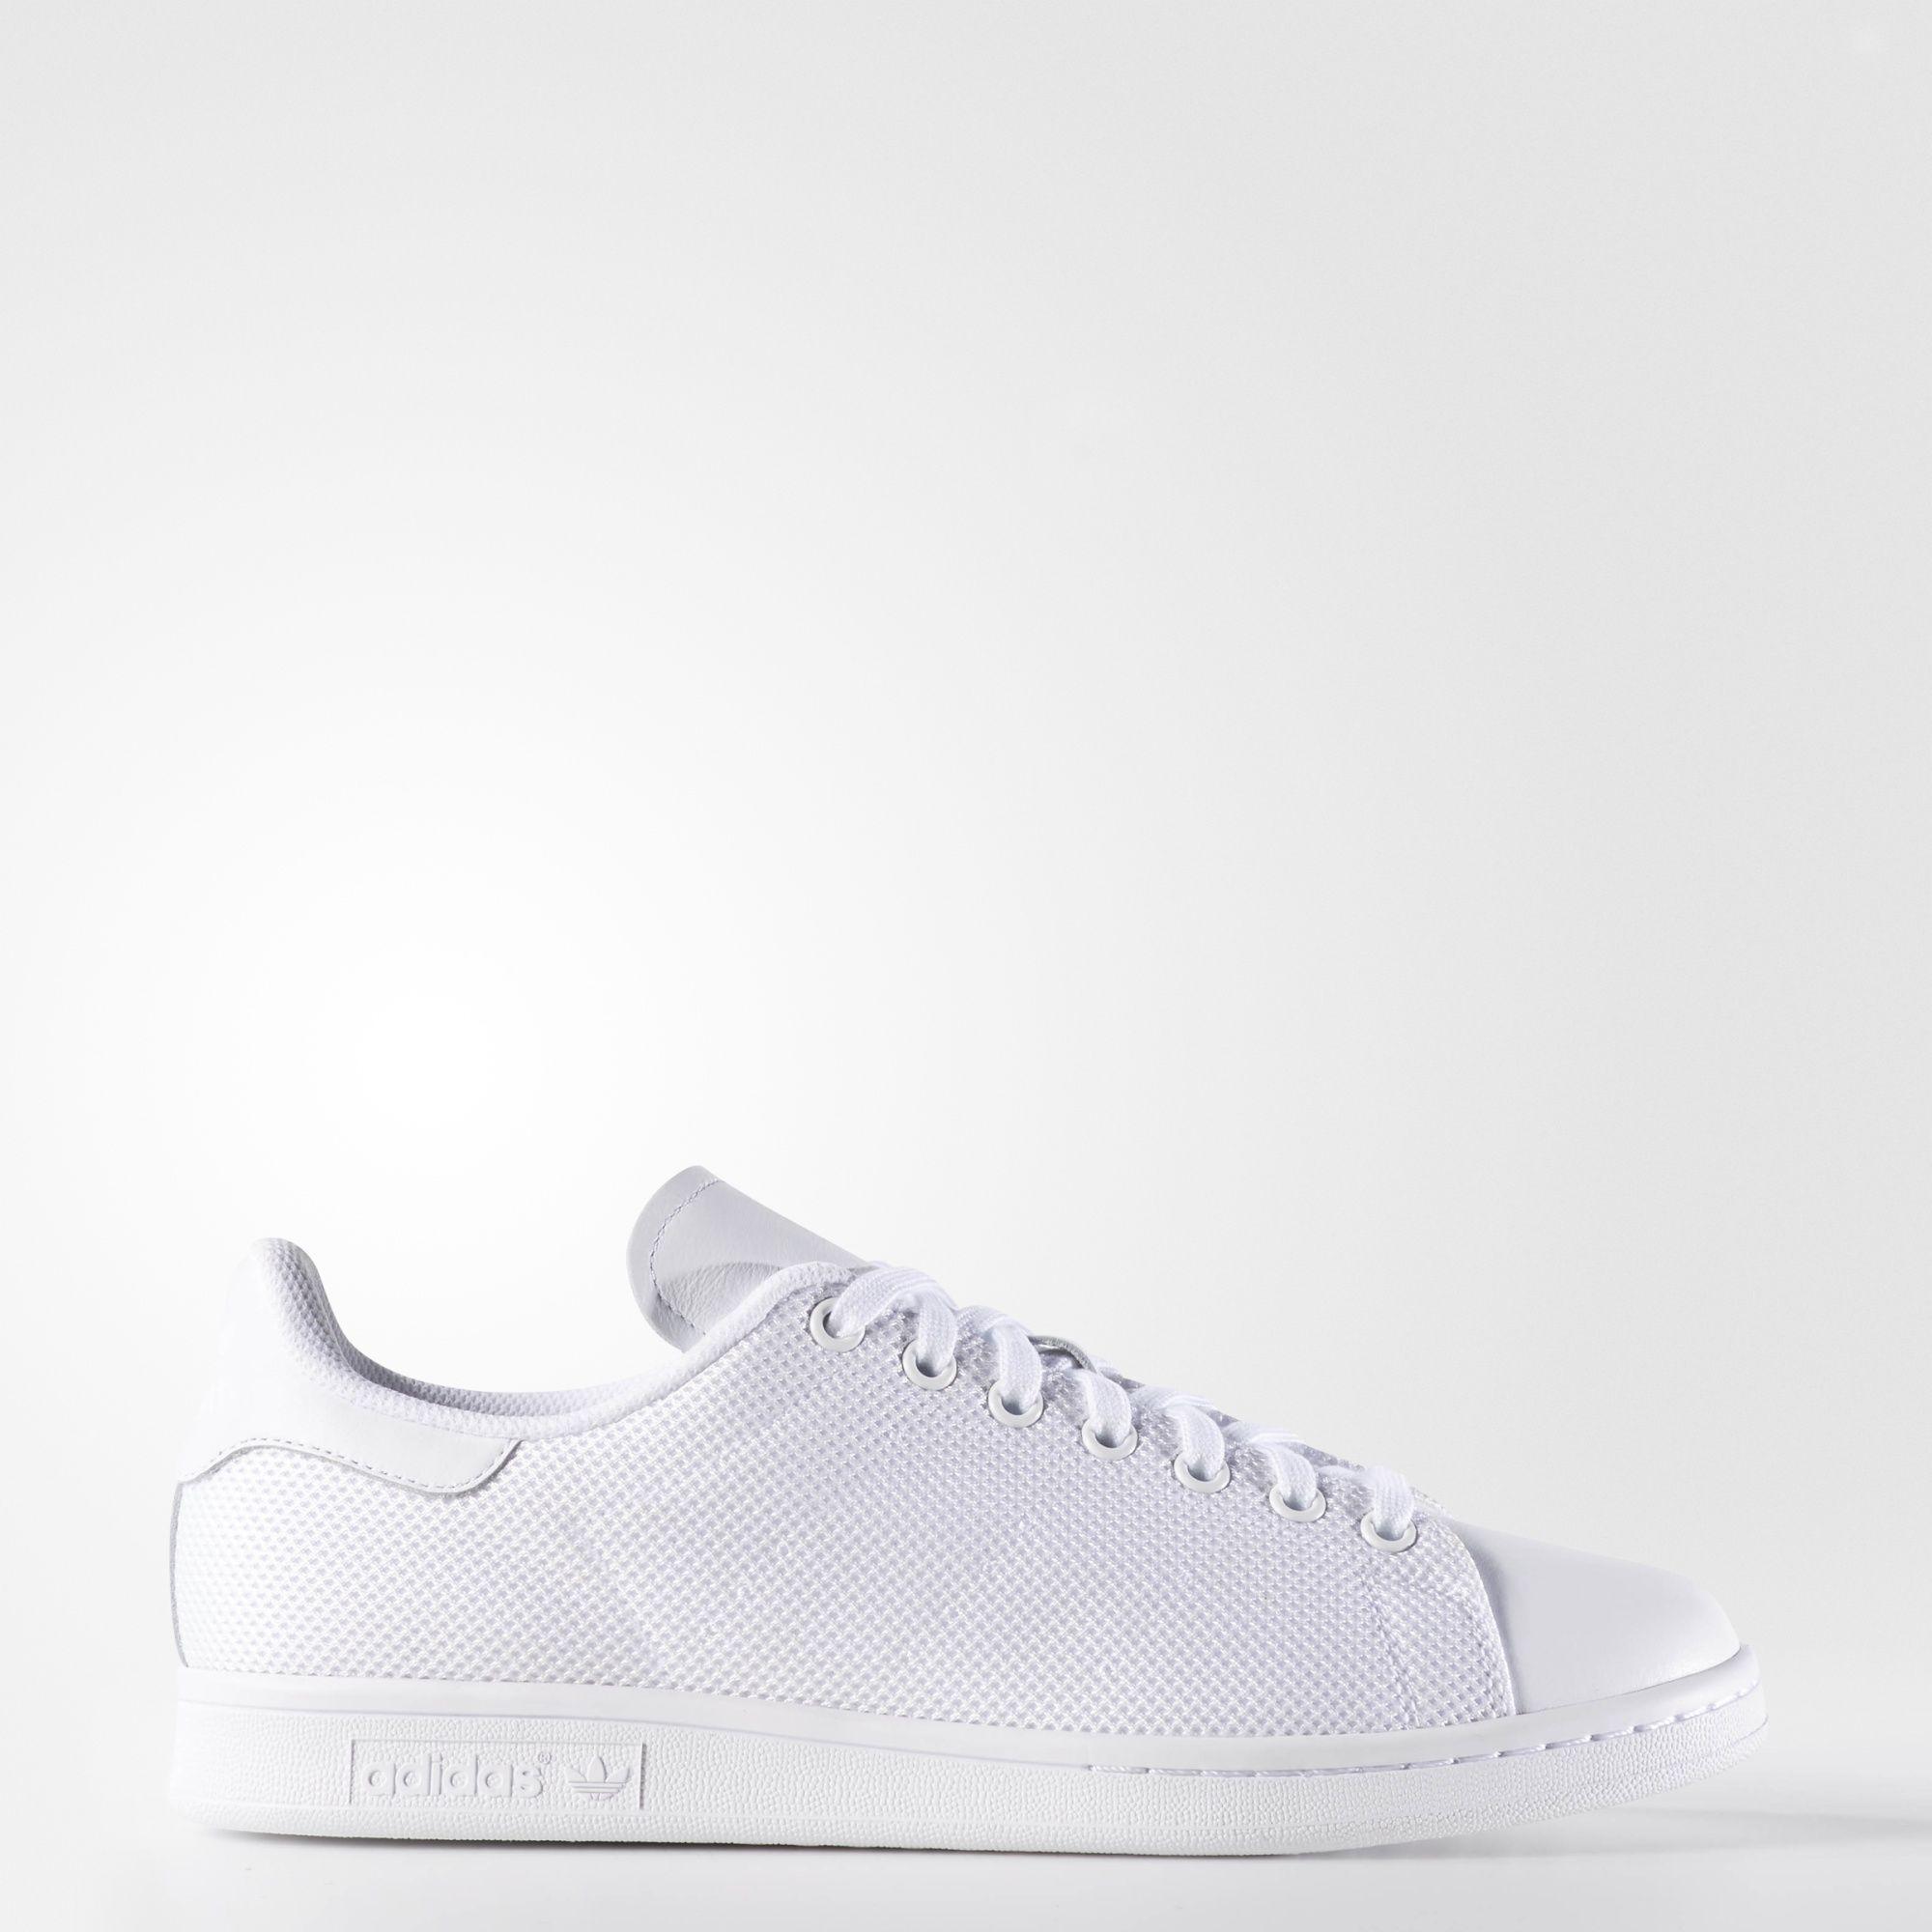 78e0844675f adidas - Stan Smith sko | Adidas